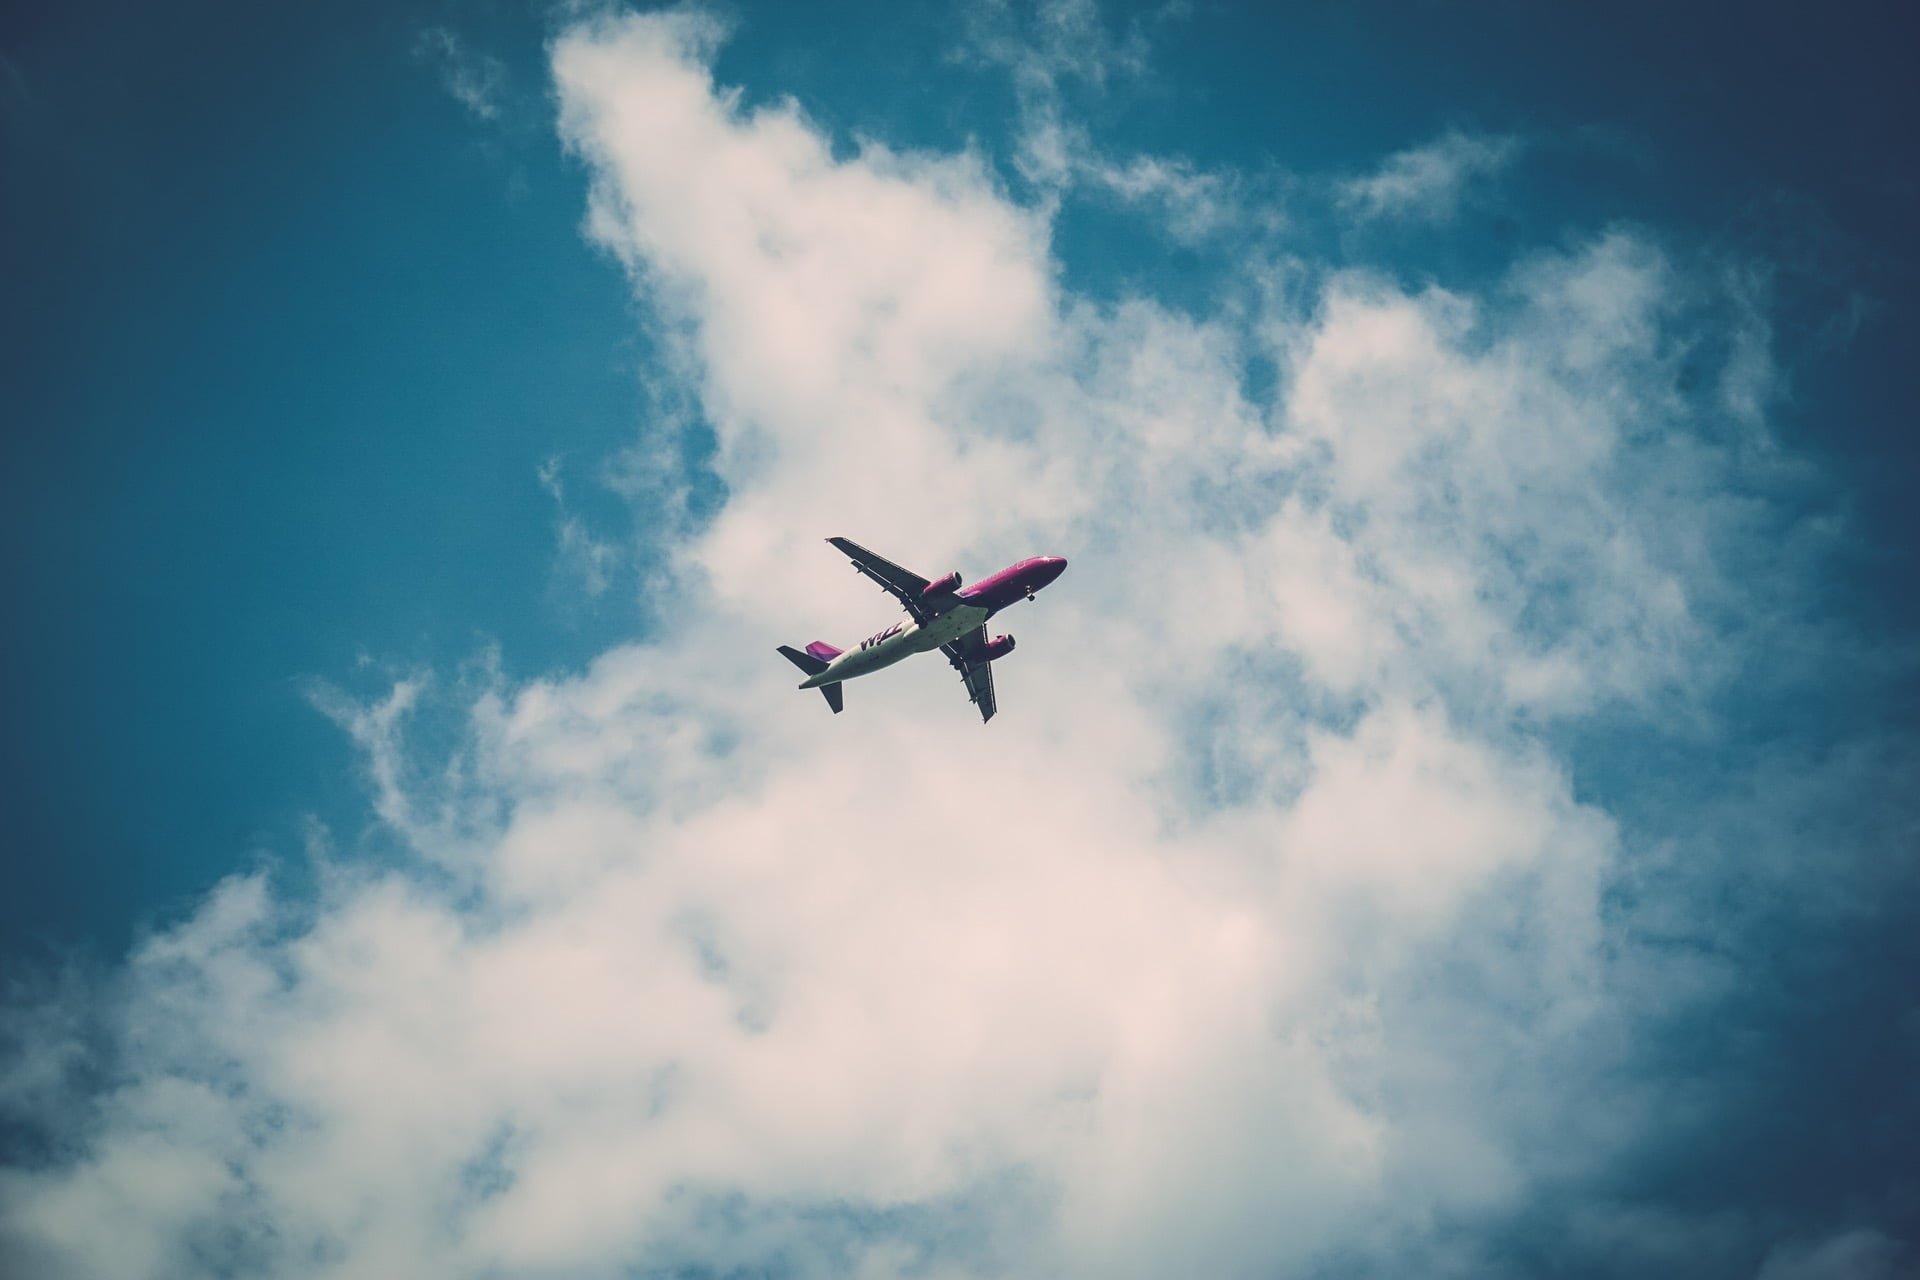 泰國航空/因安全考量,商務艙佔位嬰兒將不受理